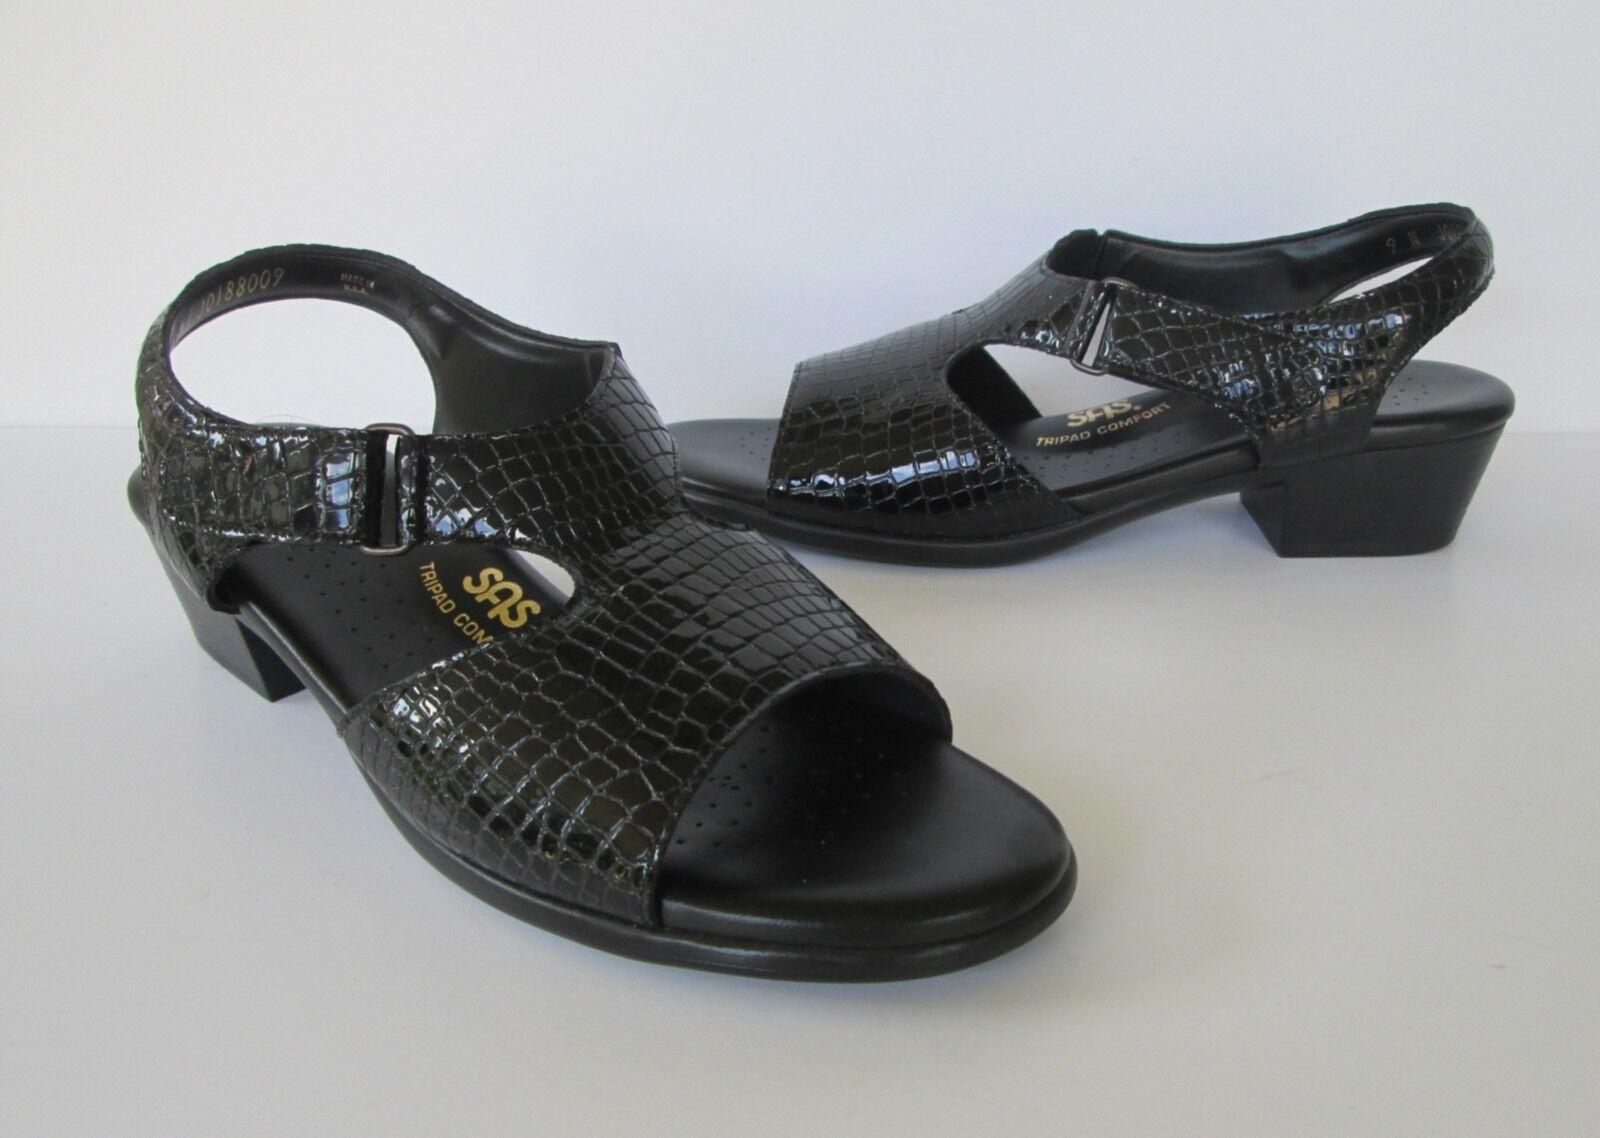 SAS Womens Black Tri Patent Leather Faux Croc Tri Black Pad Comfort Sandals Shoes 9 N e073e1